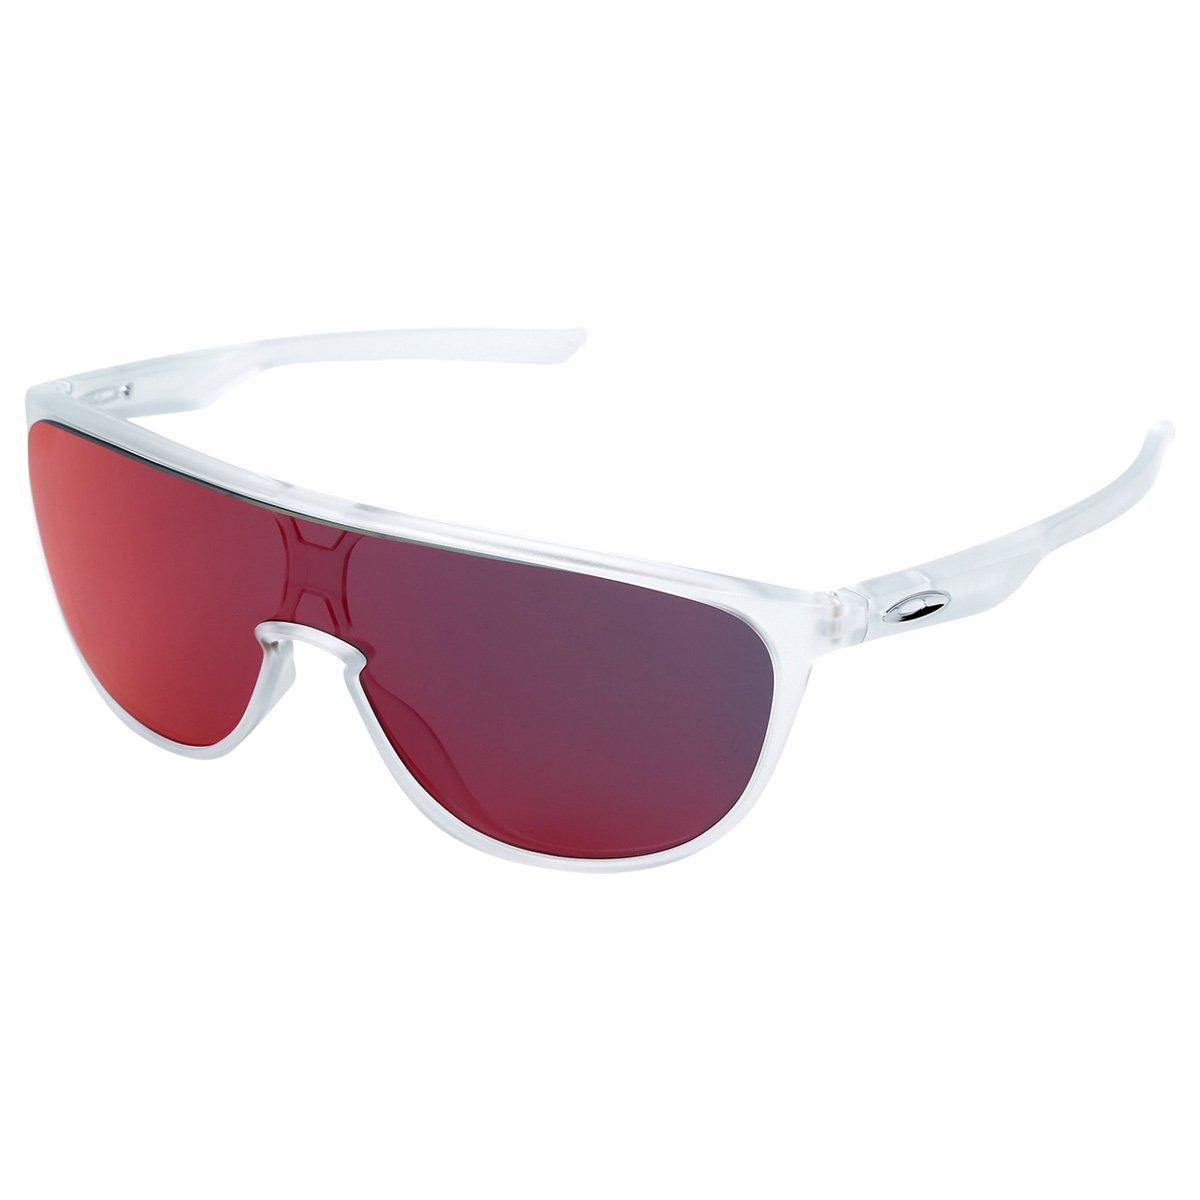 58e24b49805cc Óculos de Sol Oakley Trillbe Masculino - Compre Agora